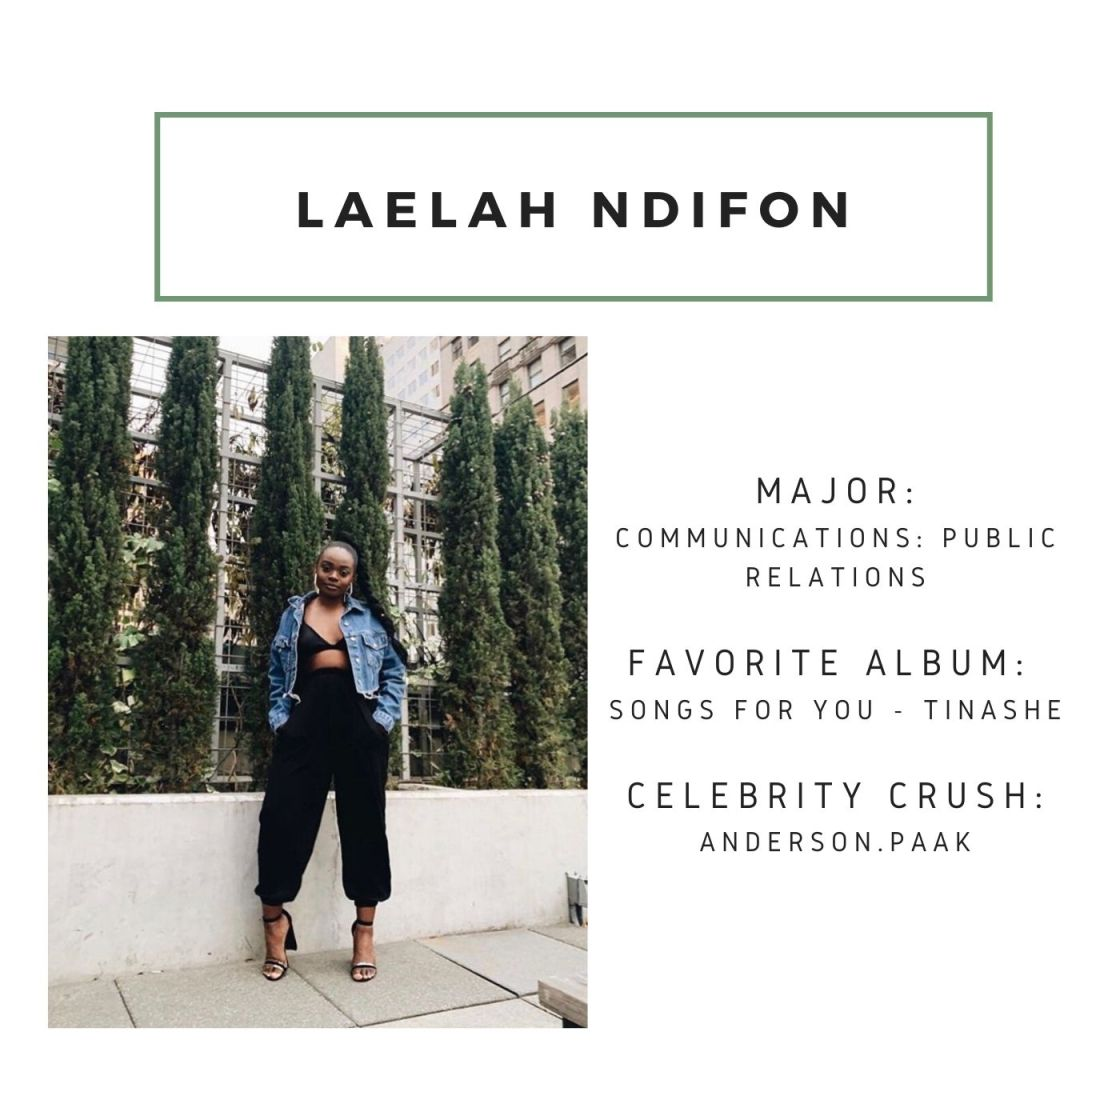 Laelah Ndifon